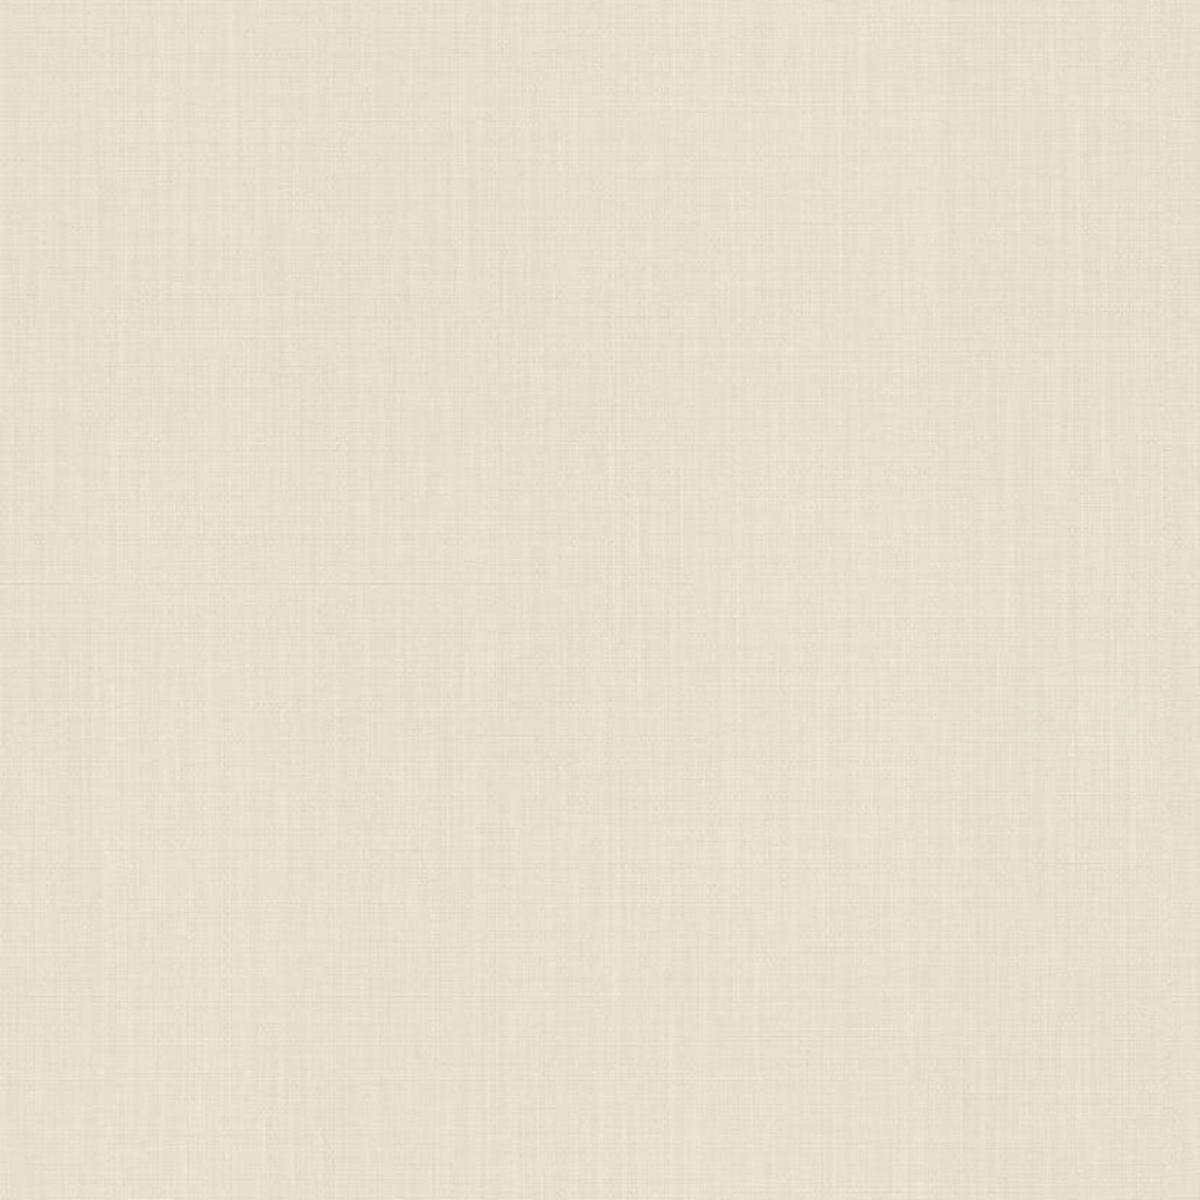 Обои флизелиновые Rasch Barbara бежевые 0.53 м 527230